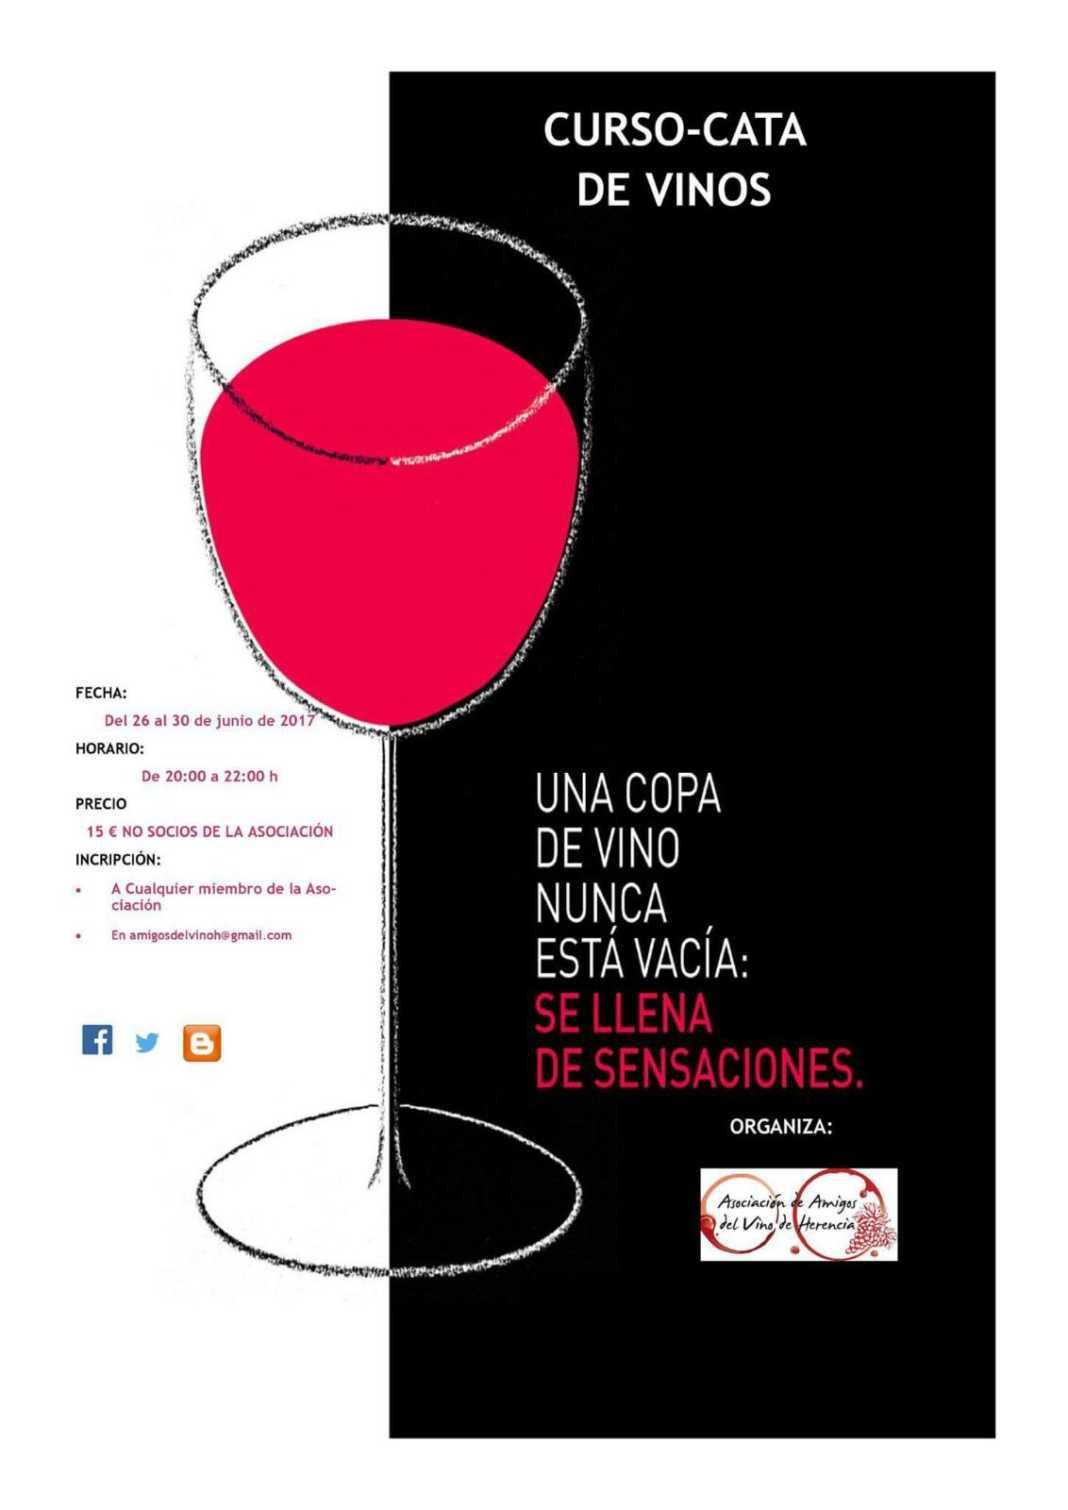 Nuevo curso de Cata de Vinos organizado por la Asoc. Amigos del Vino de Herencia 2